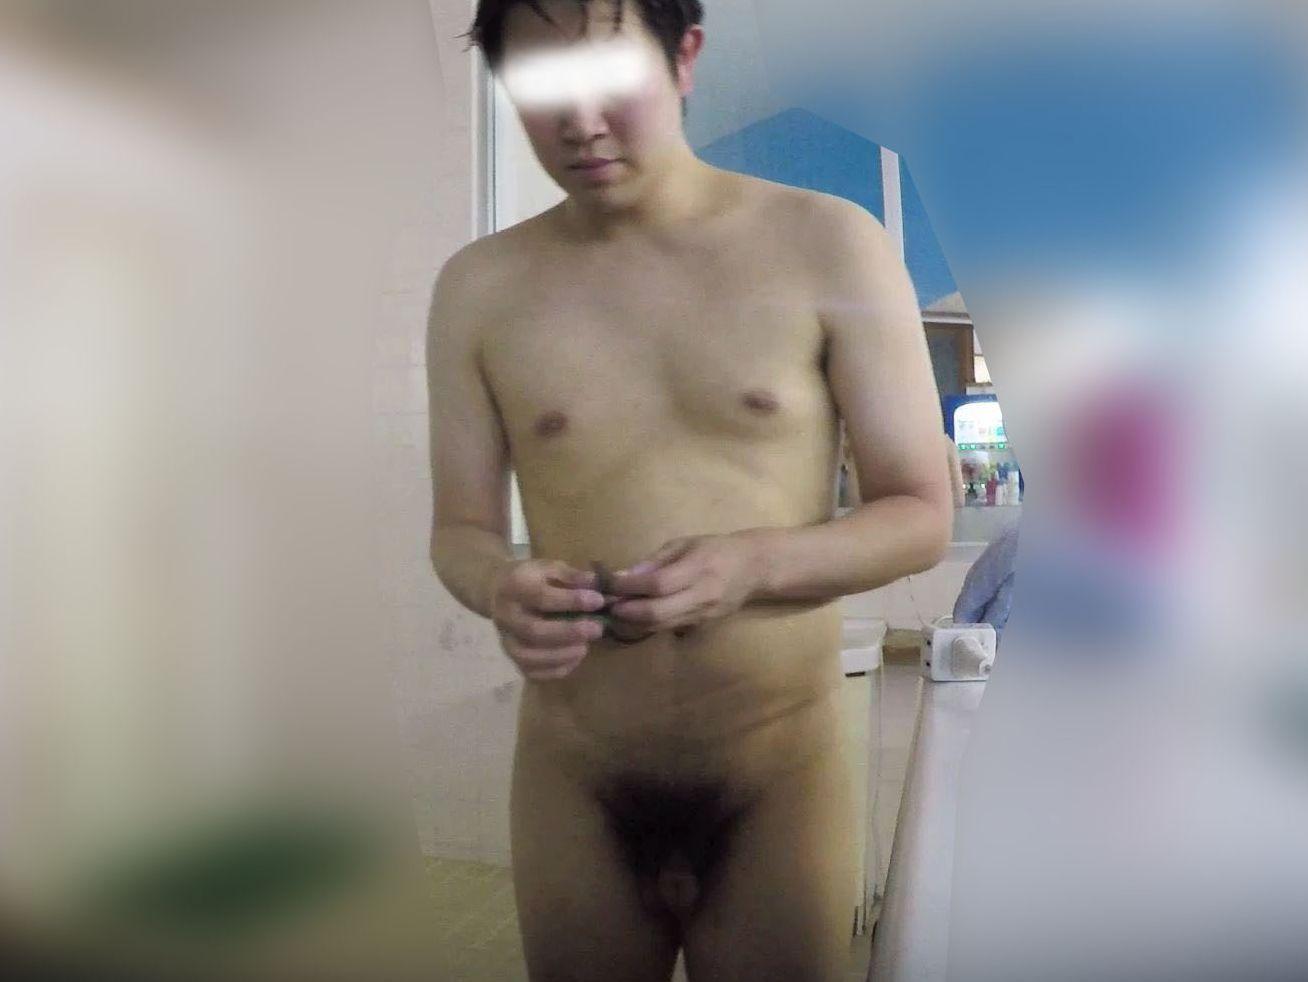 普通体型のノンケ男子を銭湯で盗撮!チンポはやや太めの模様。